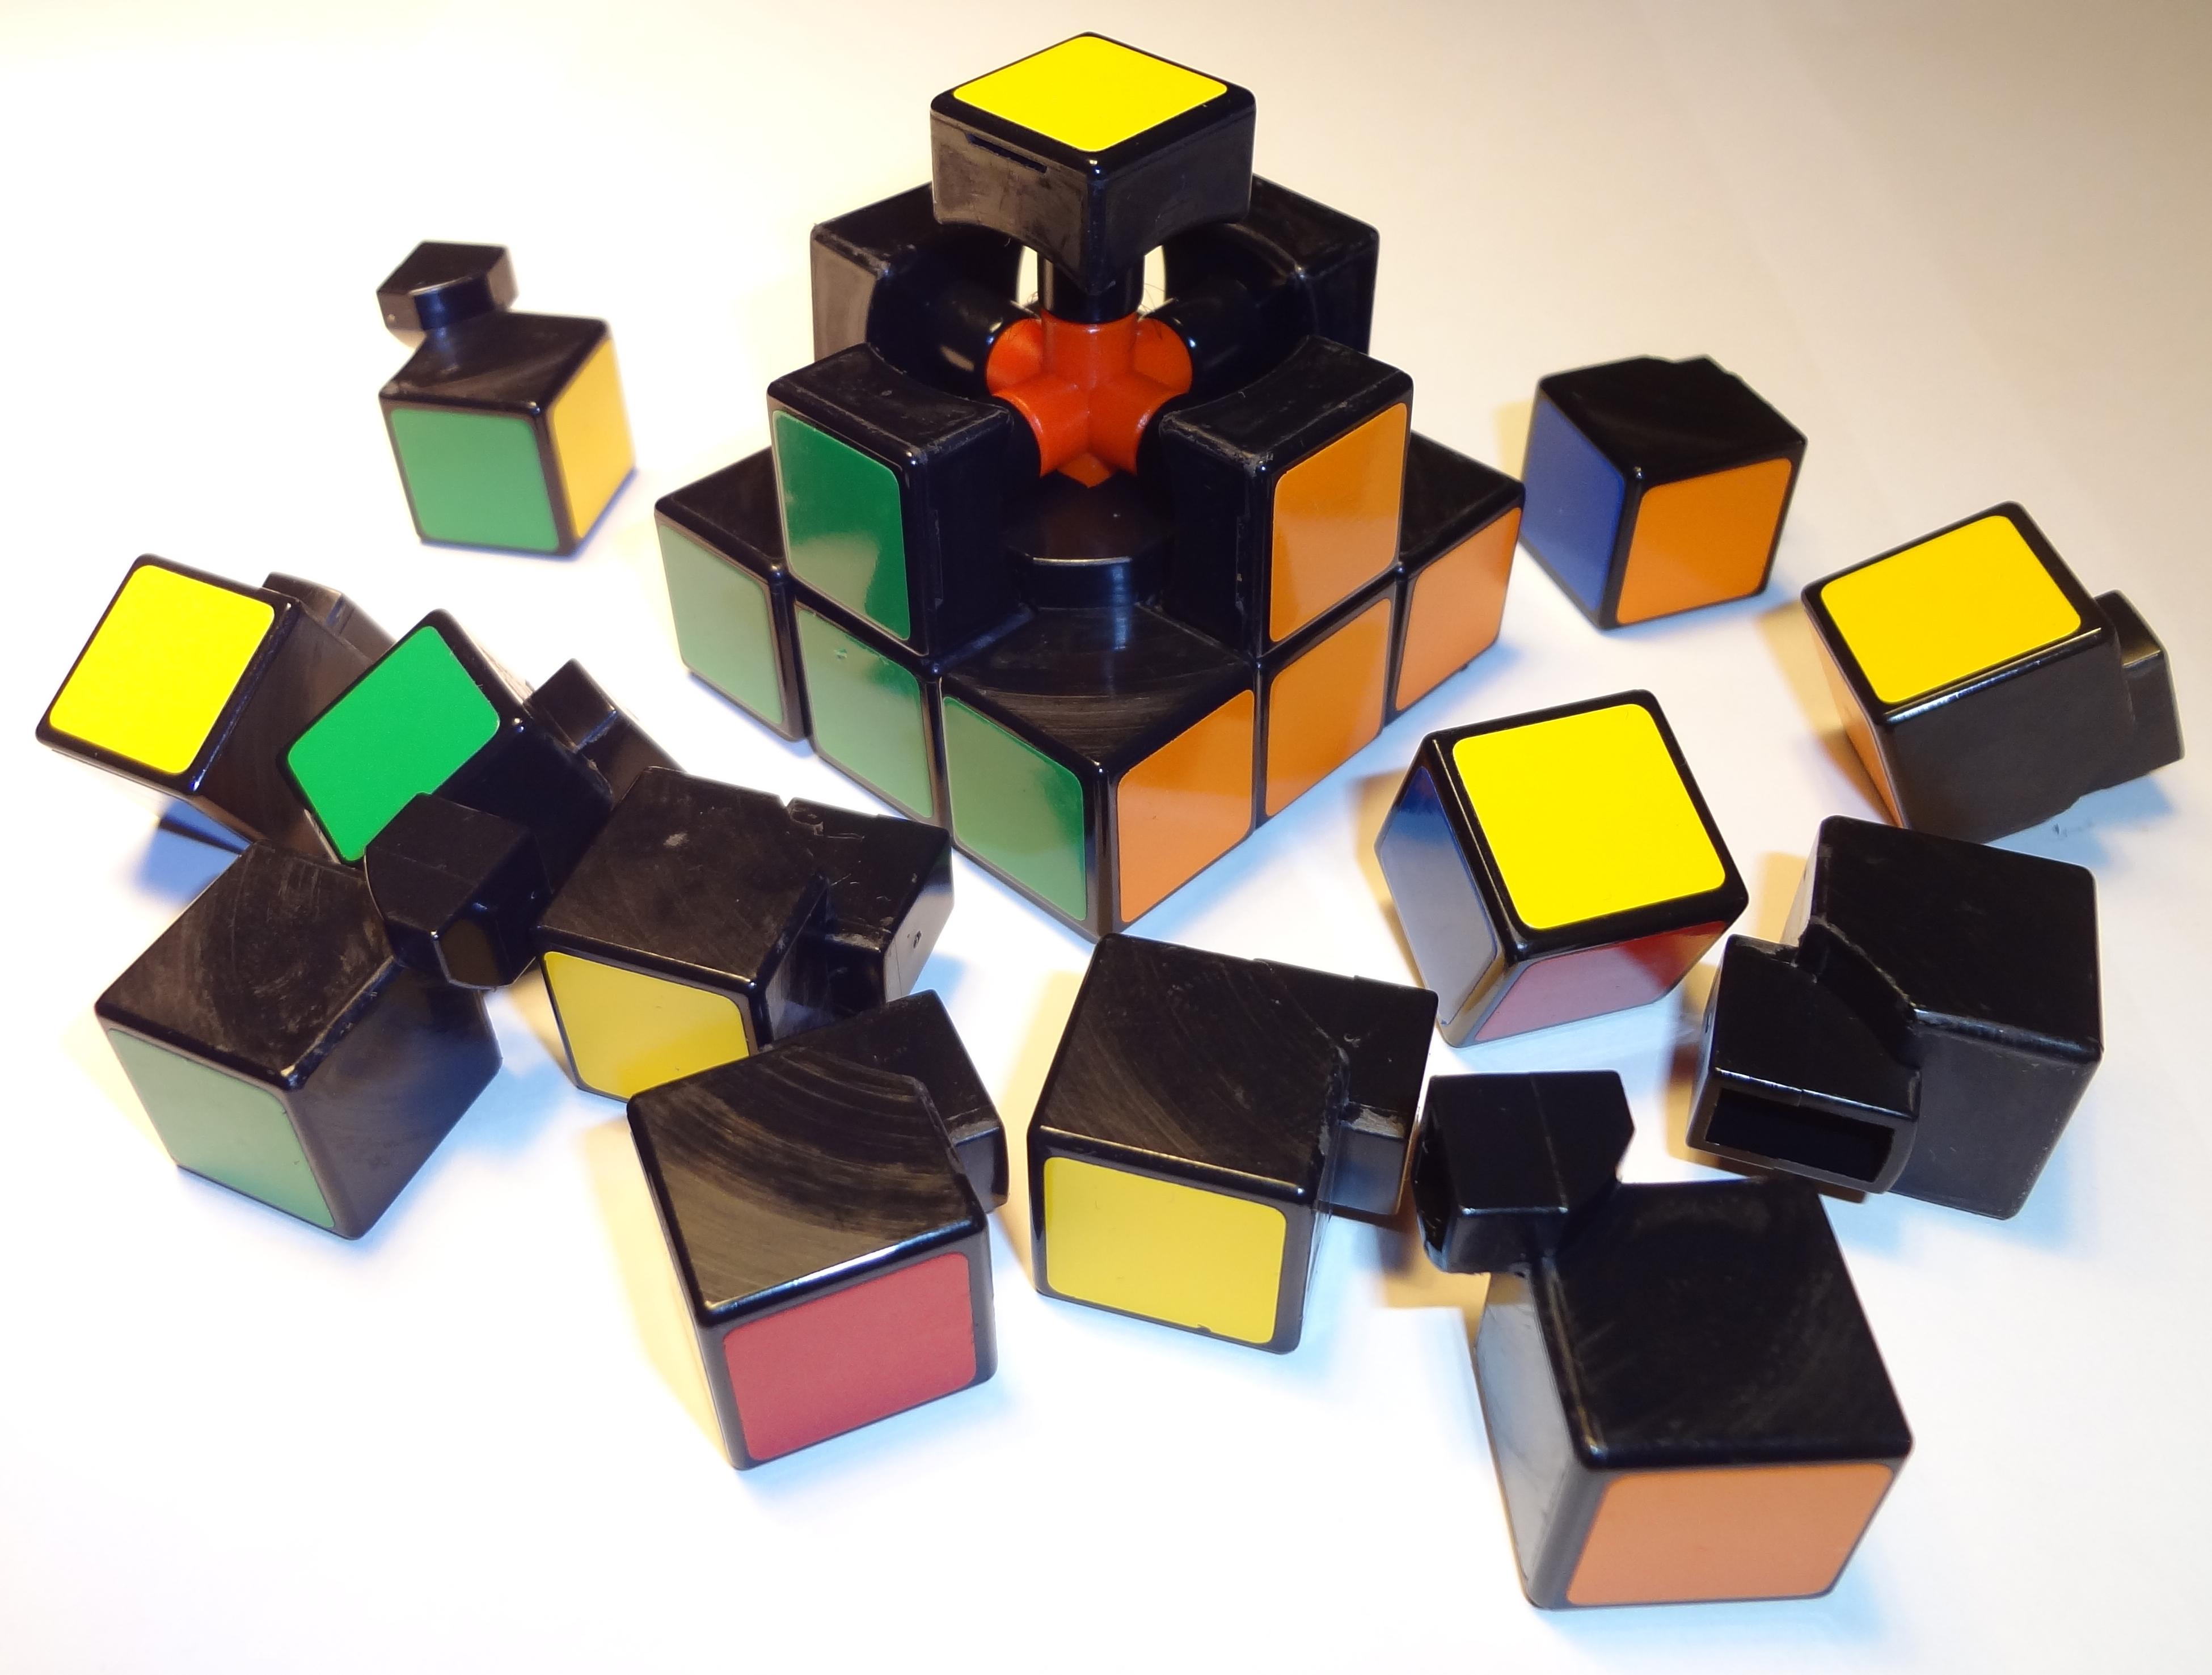 [Image: Rubiks_cube_inside.JPG]